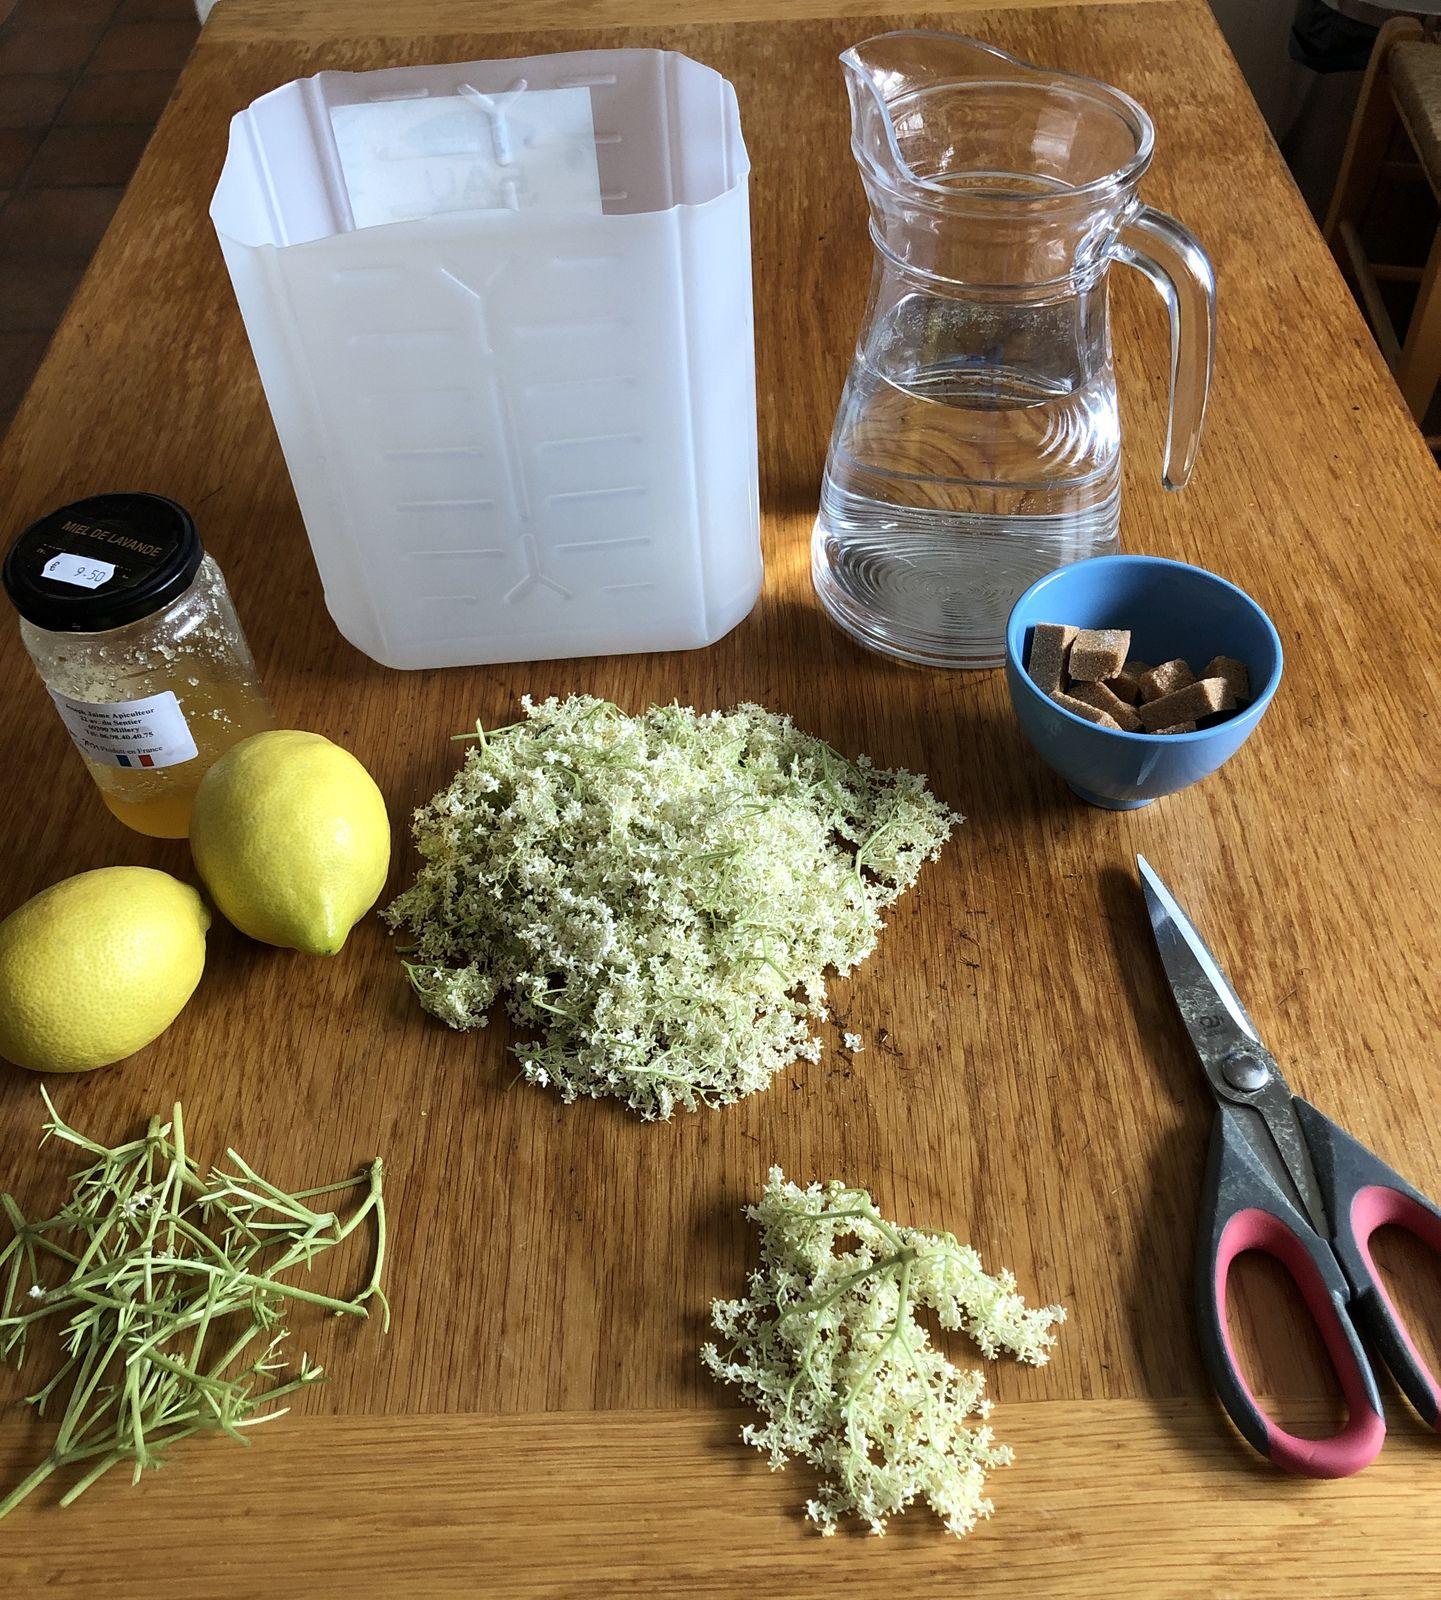 Matériel: 1 bidon (type alimentaire) de 2 litres, 1 paire de ciseaux, 1 cuillère à soupe, 1 verre doseur de 1 litre. Ingrédients pour 2 litres d'eau: 15 corymbes de sureau cueillies à pleine fleur, 2 citrons bio, 8 cuillères à soupe de miel pur ou de sucre de canne brun.